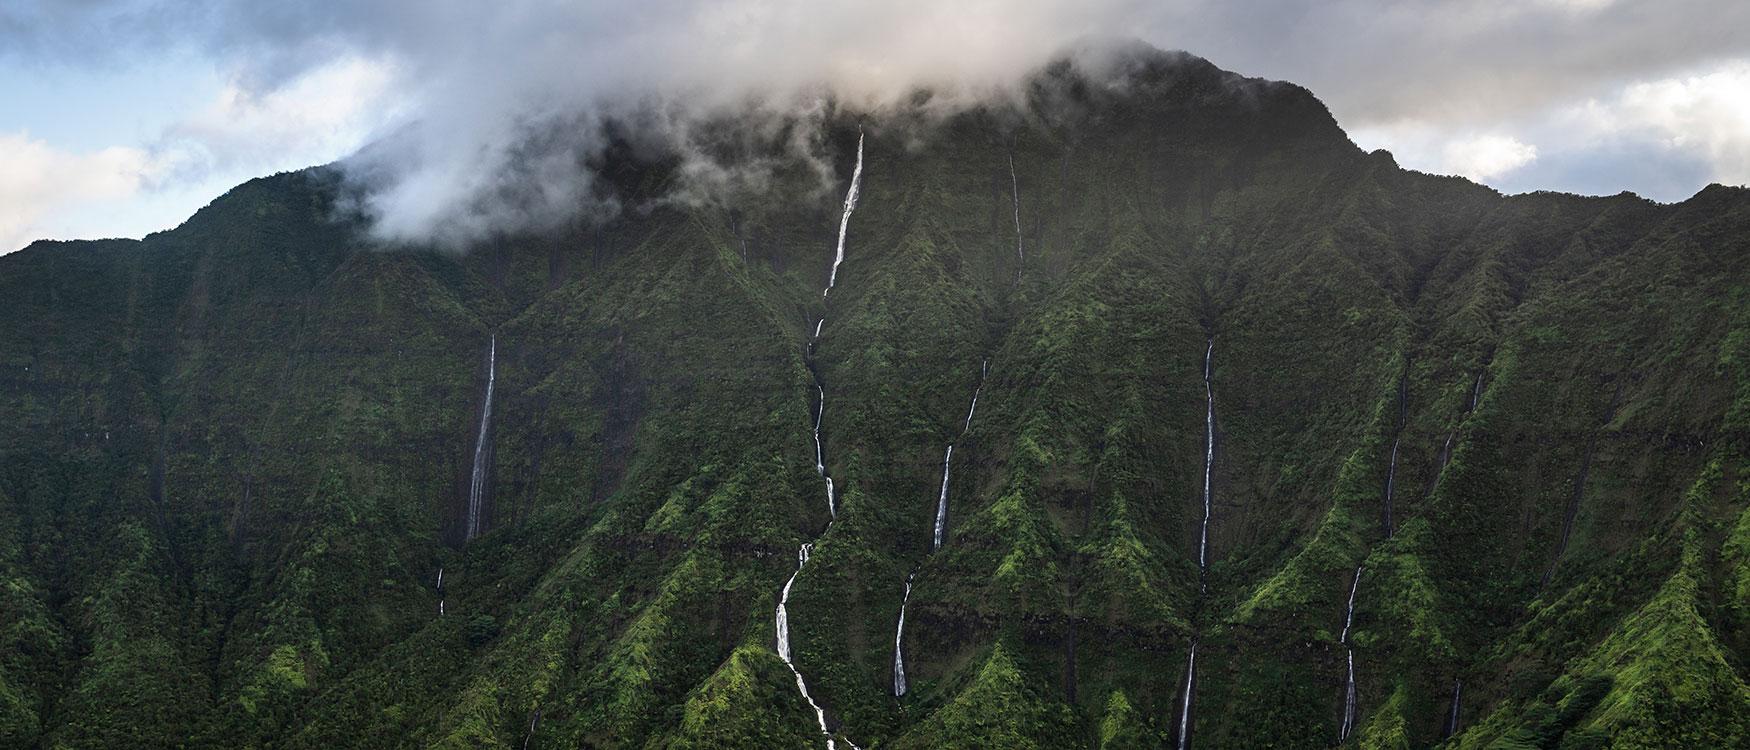 Kauai Wai'ale'ale